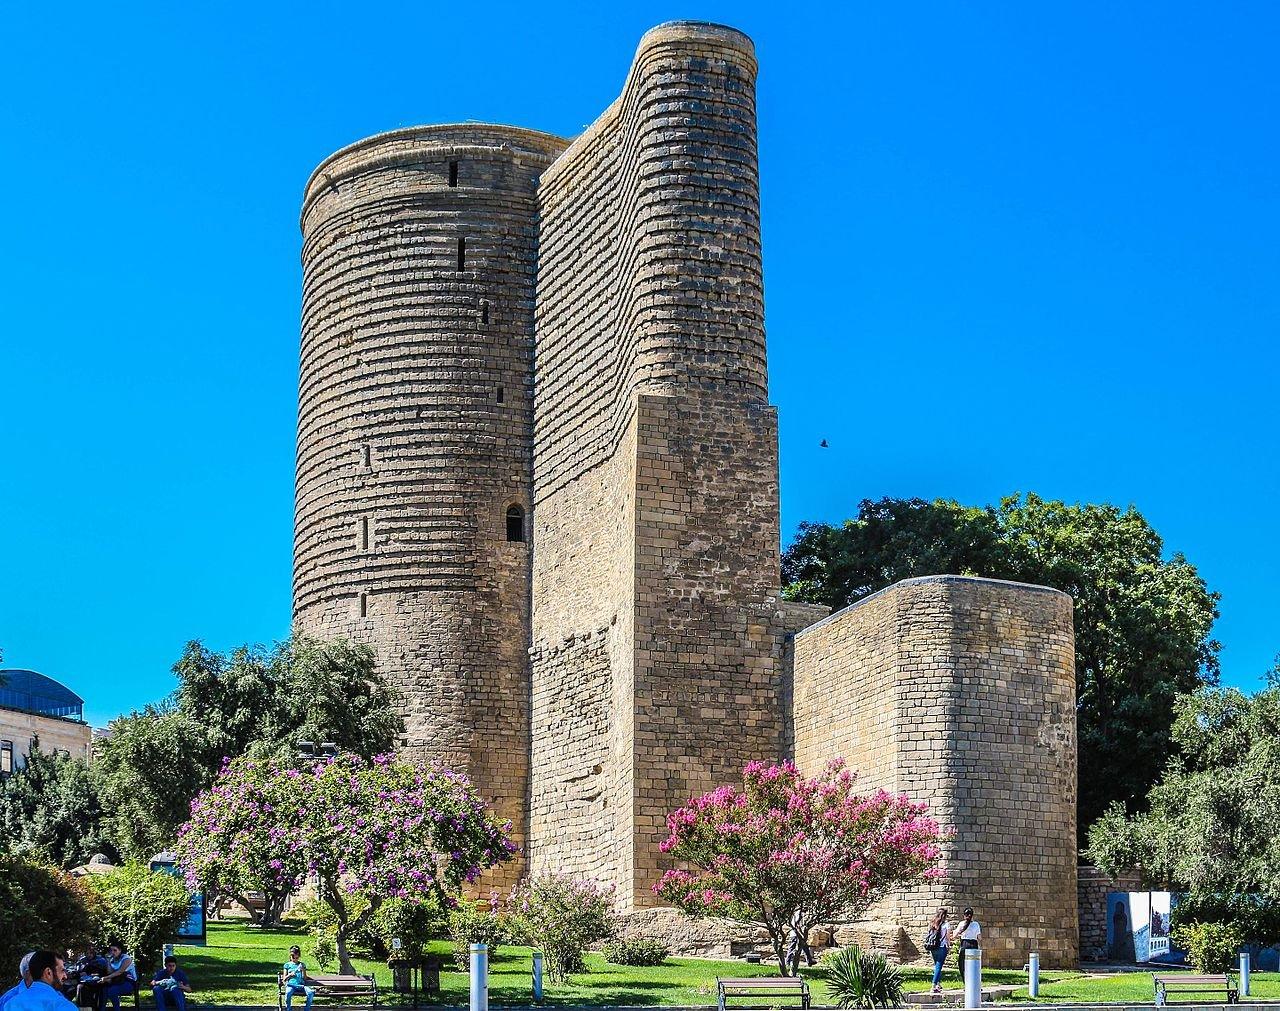 زيارة الى أذربيجان، اكتشفوا اروع معالمها 1276994091